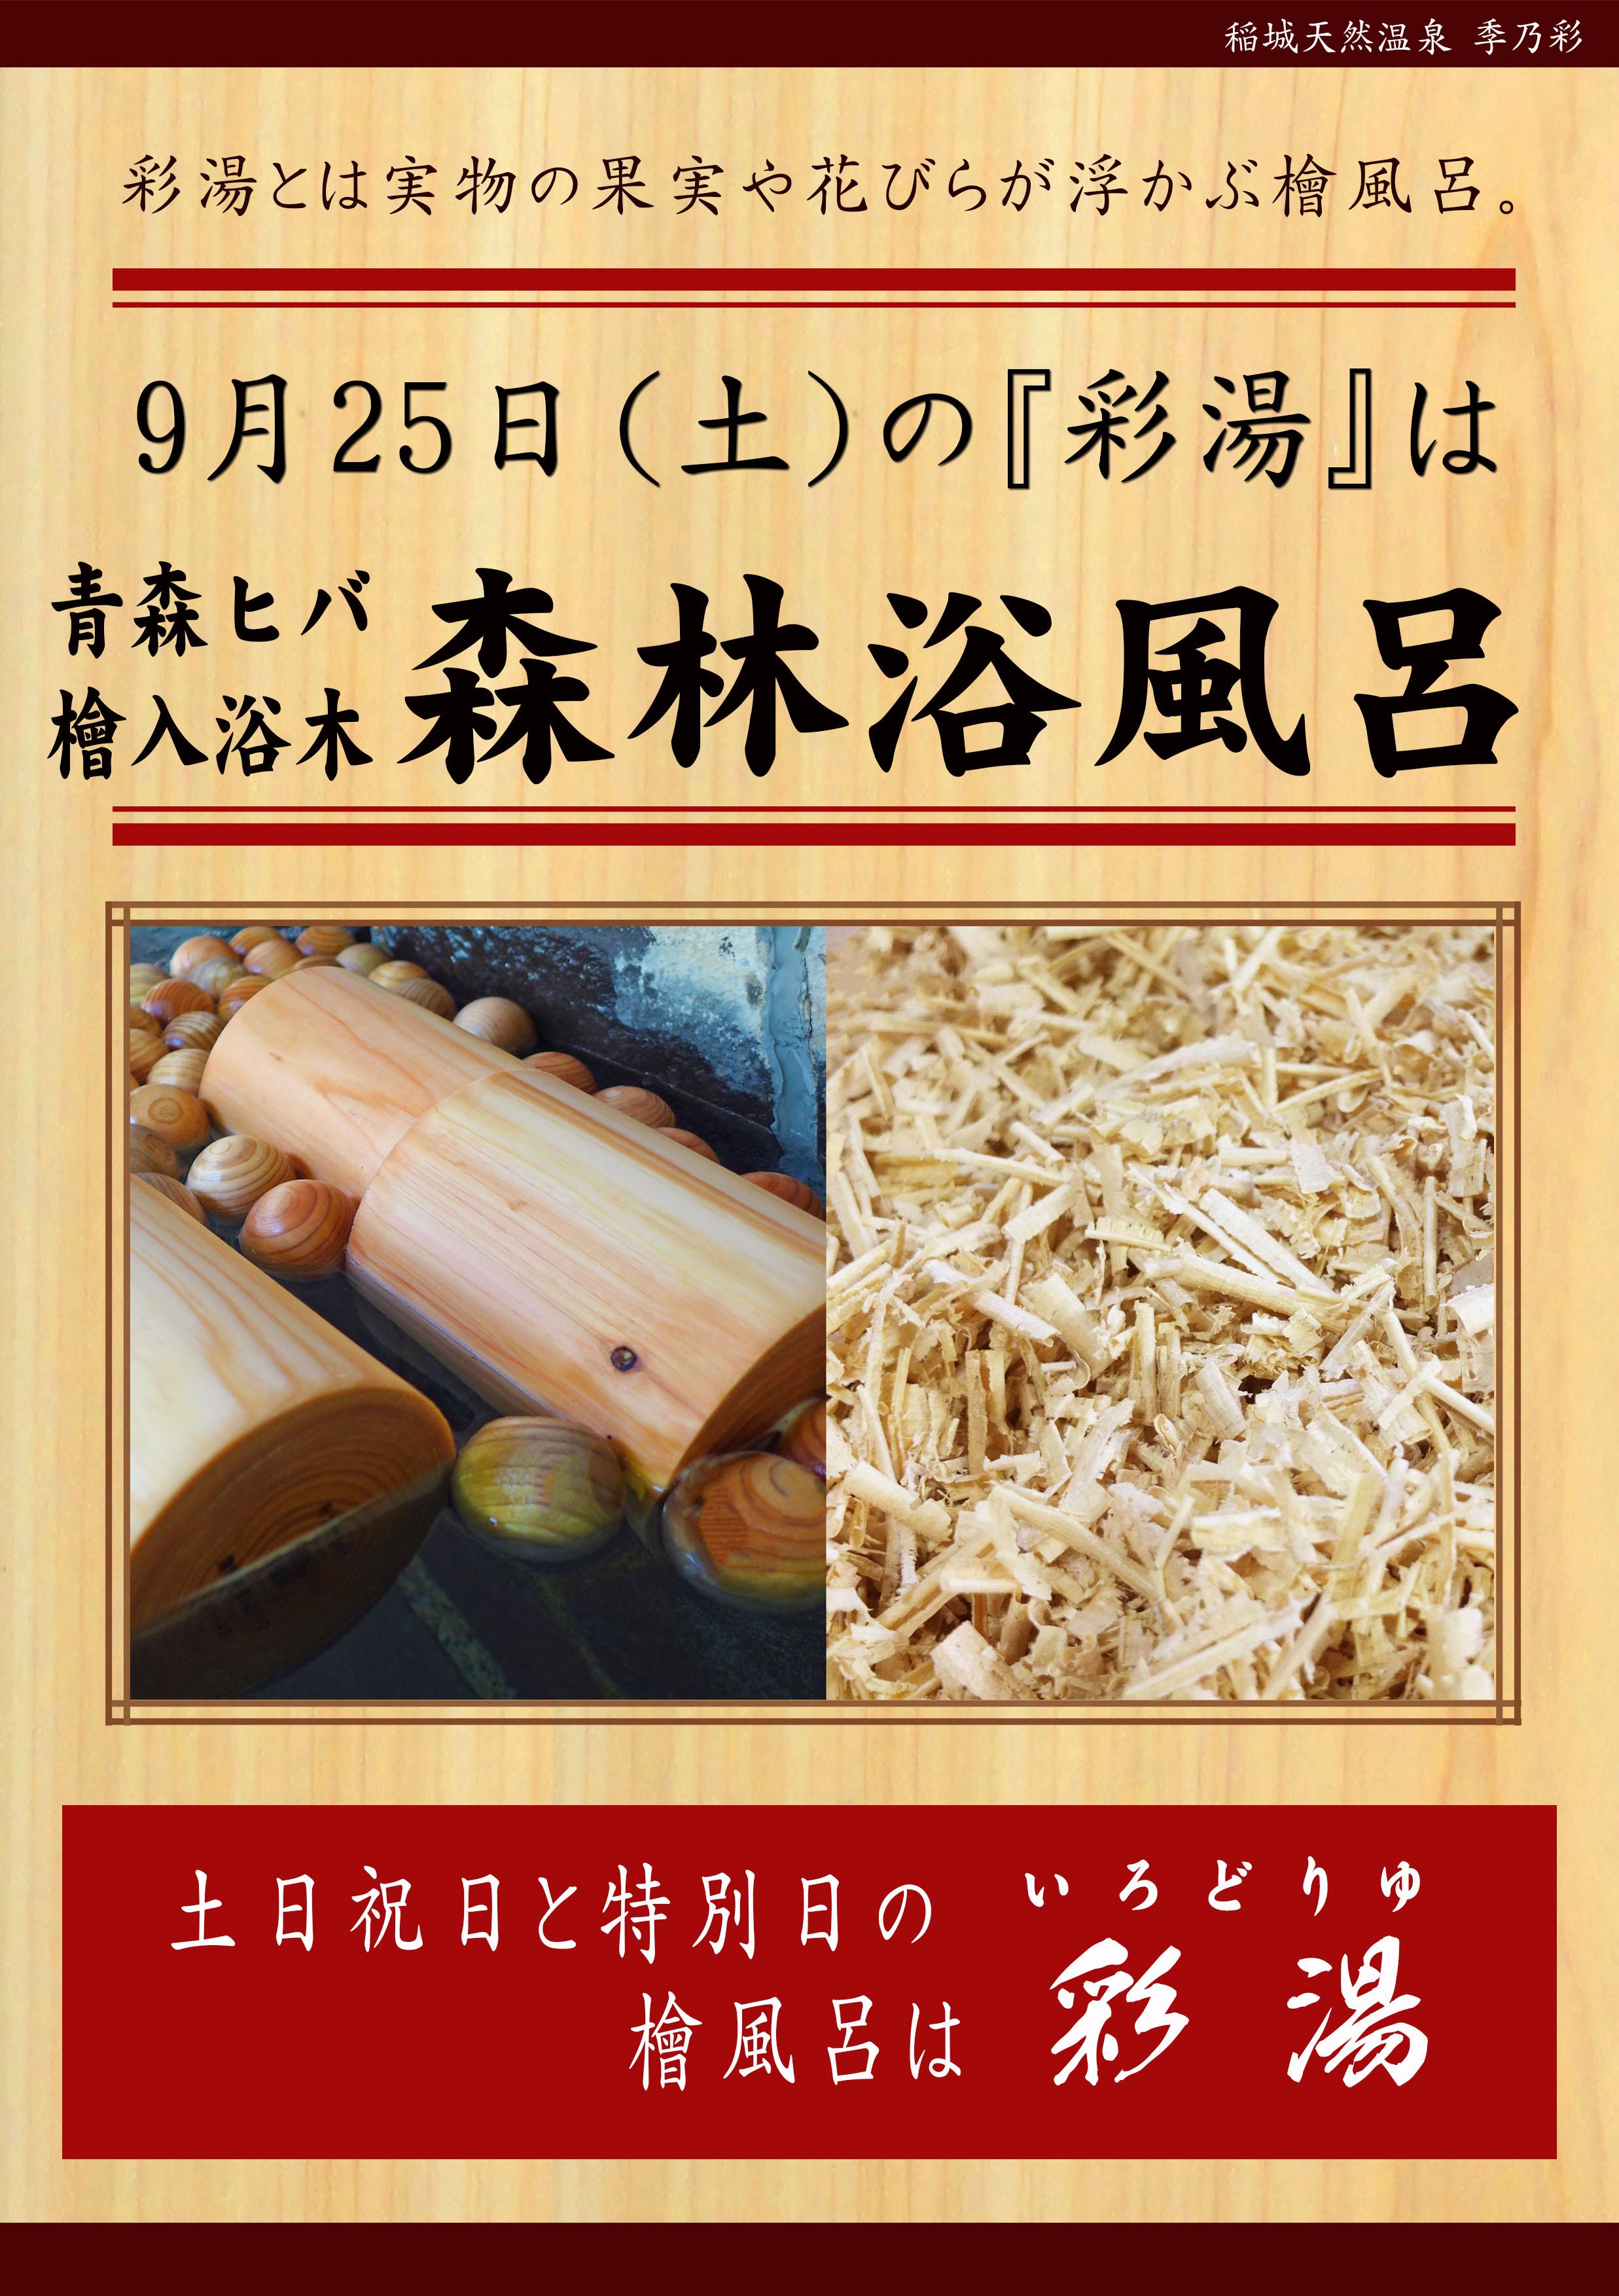 20210925 POP イベント 彩湯 森林浴